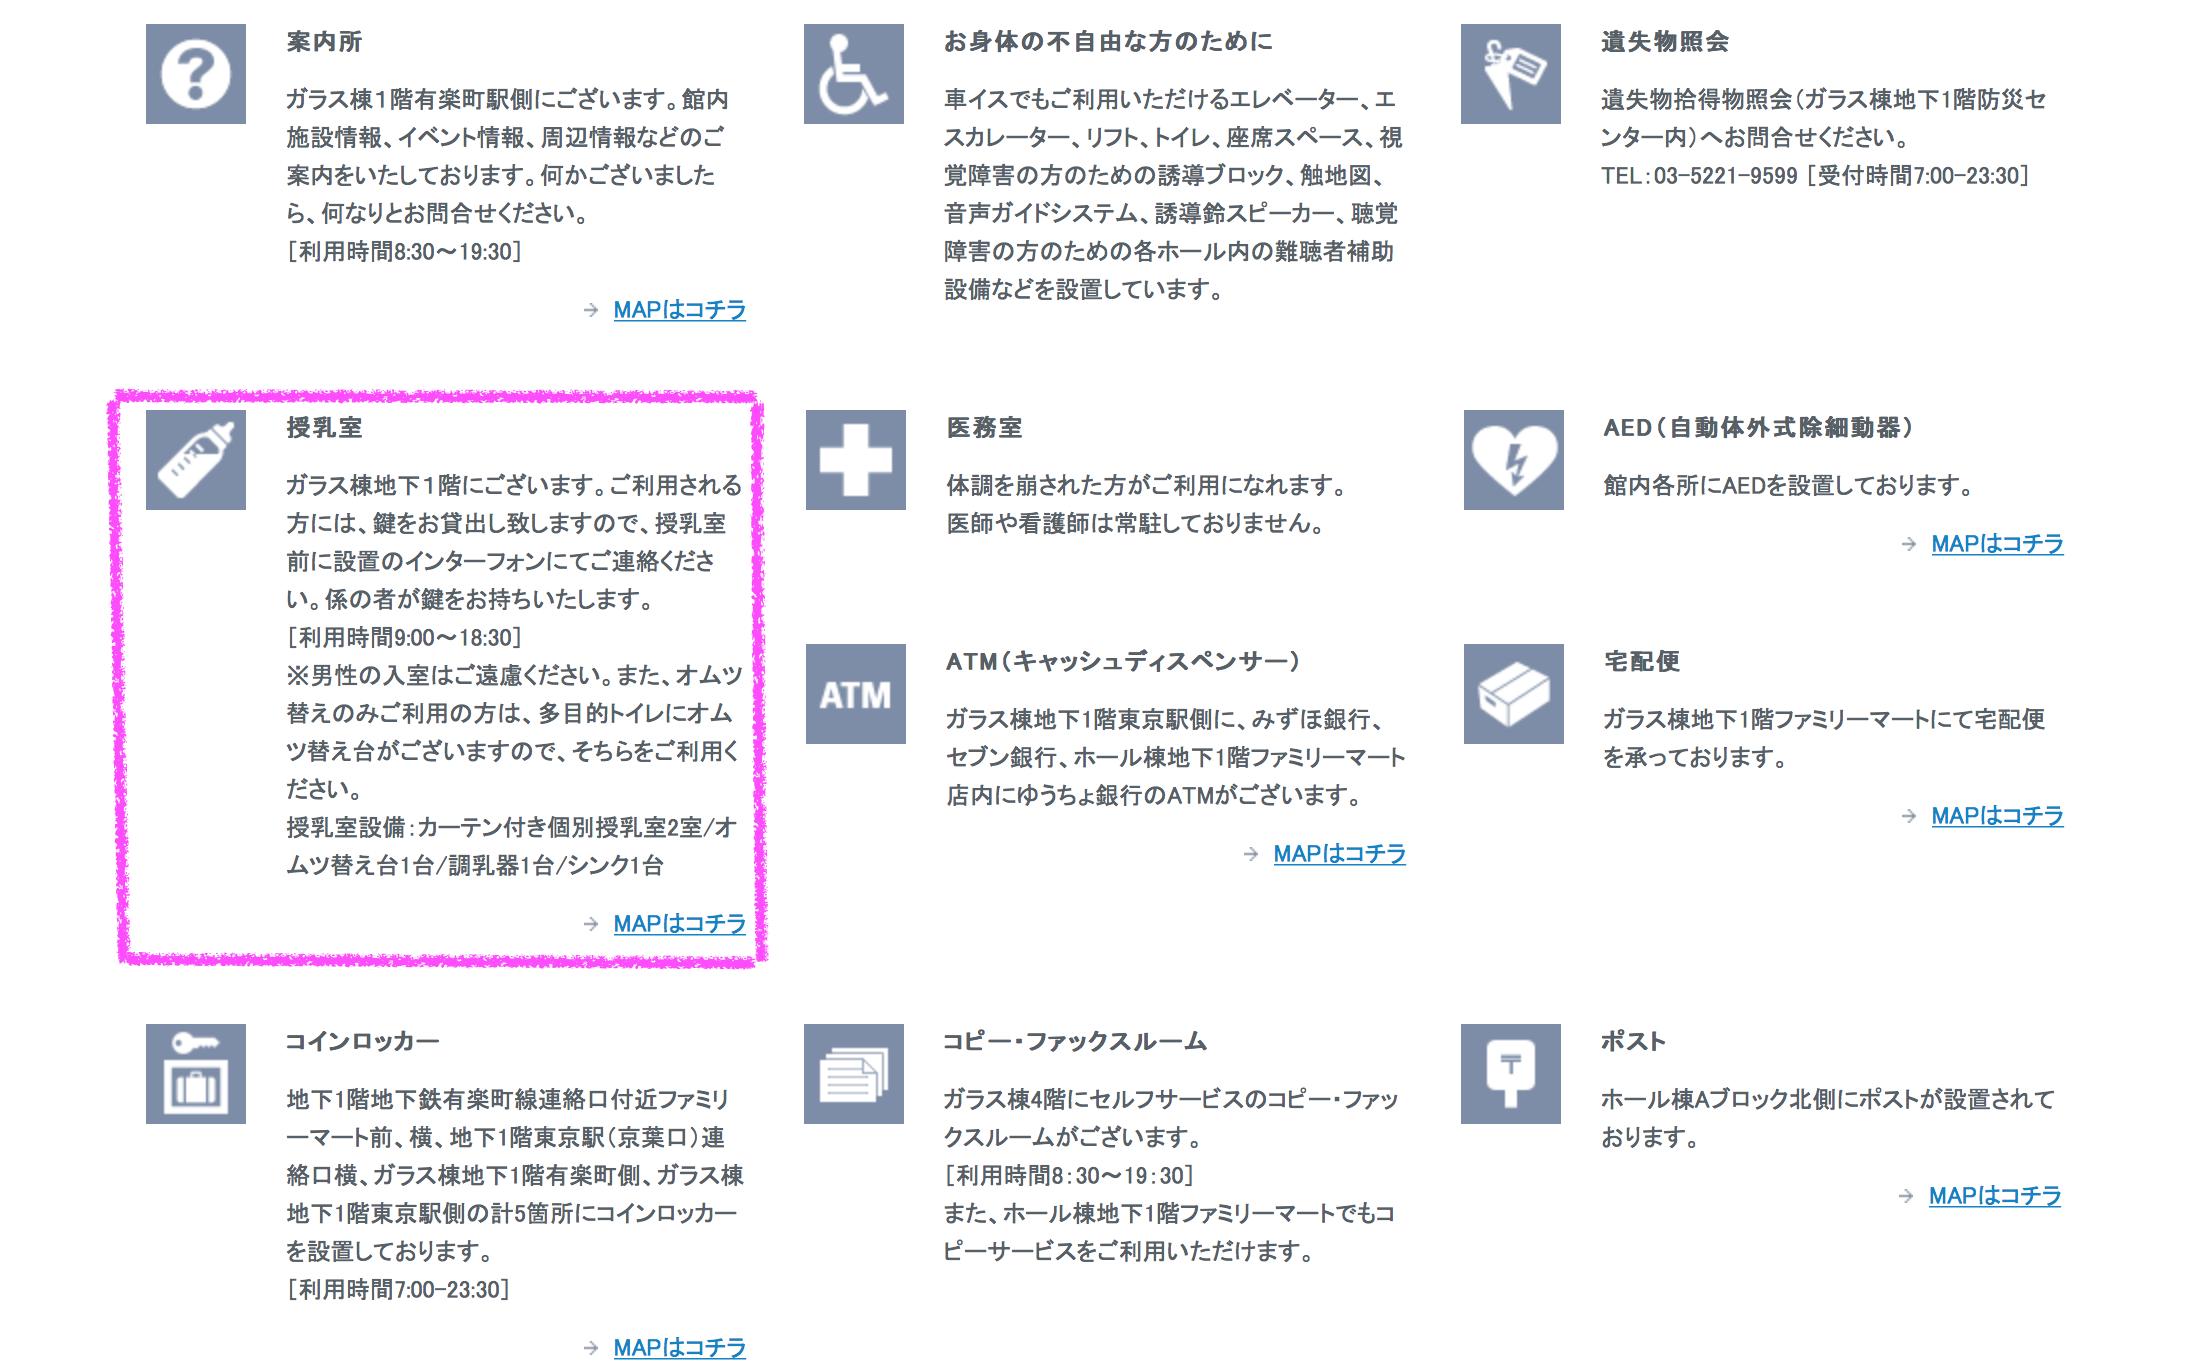 東京国際フォーラムインフォメーション